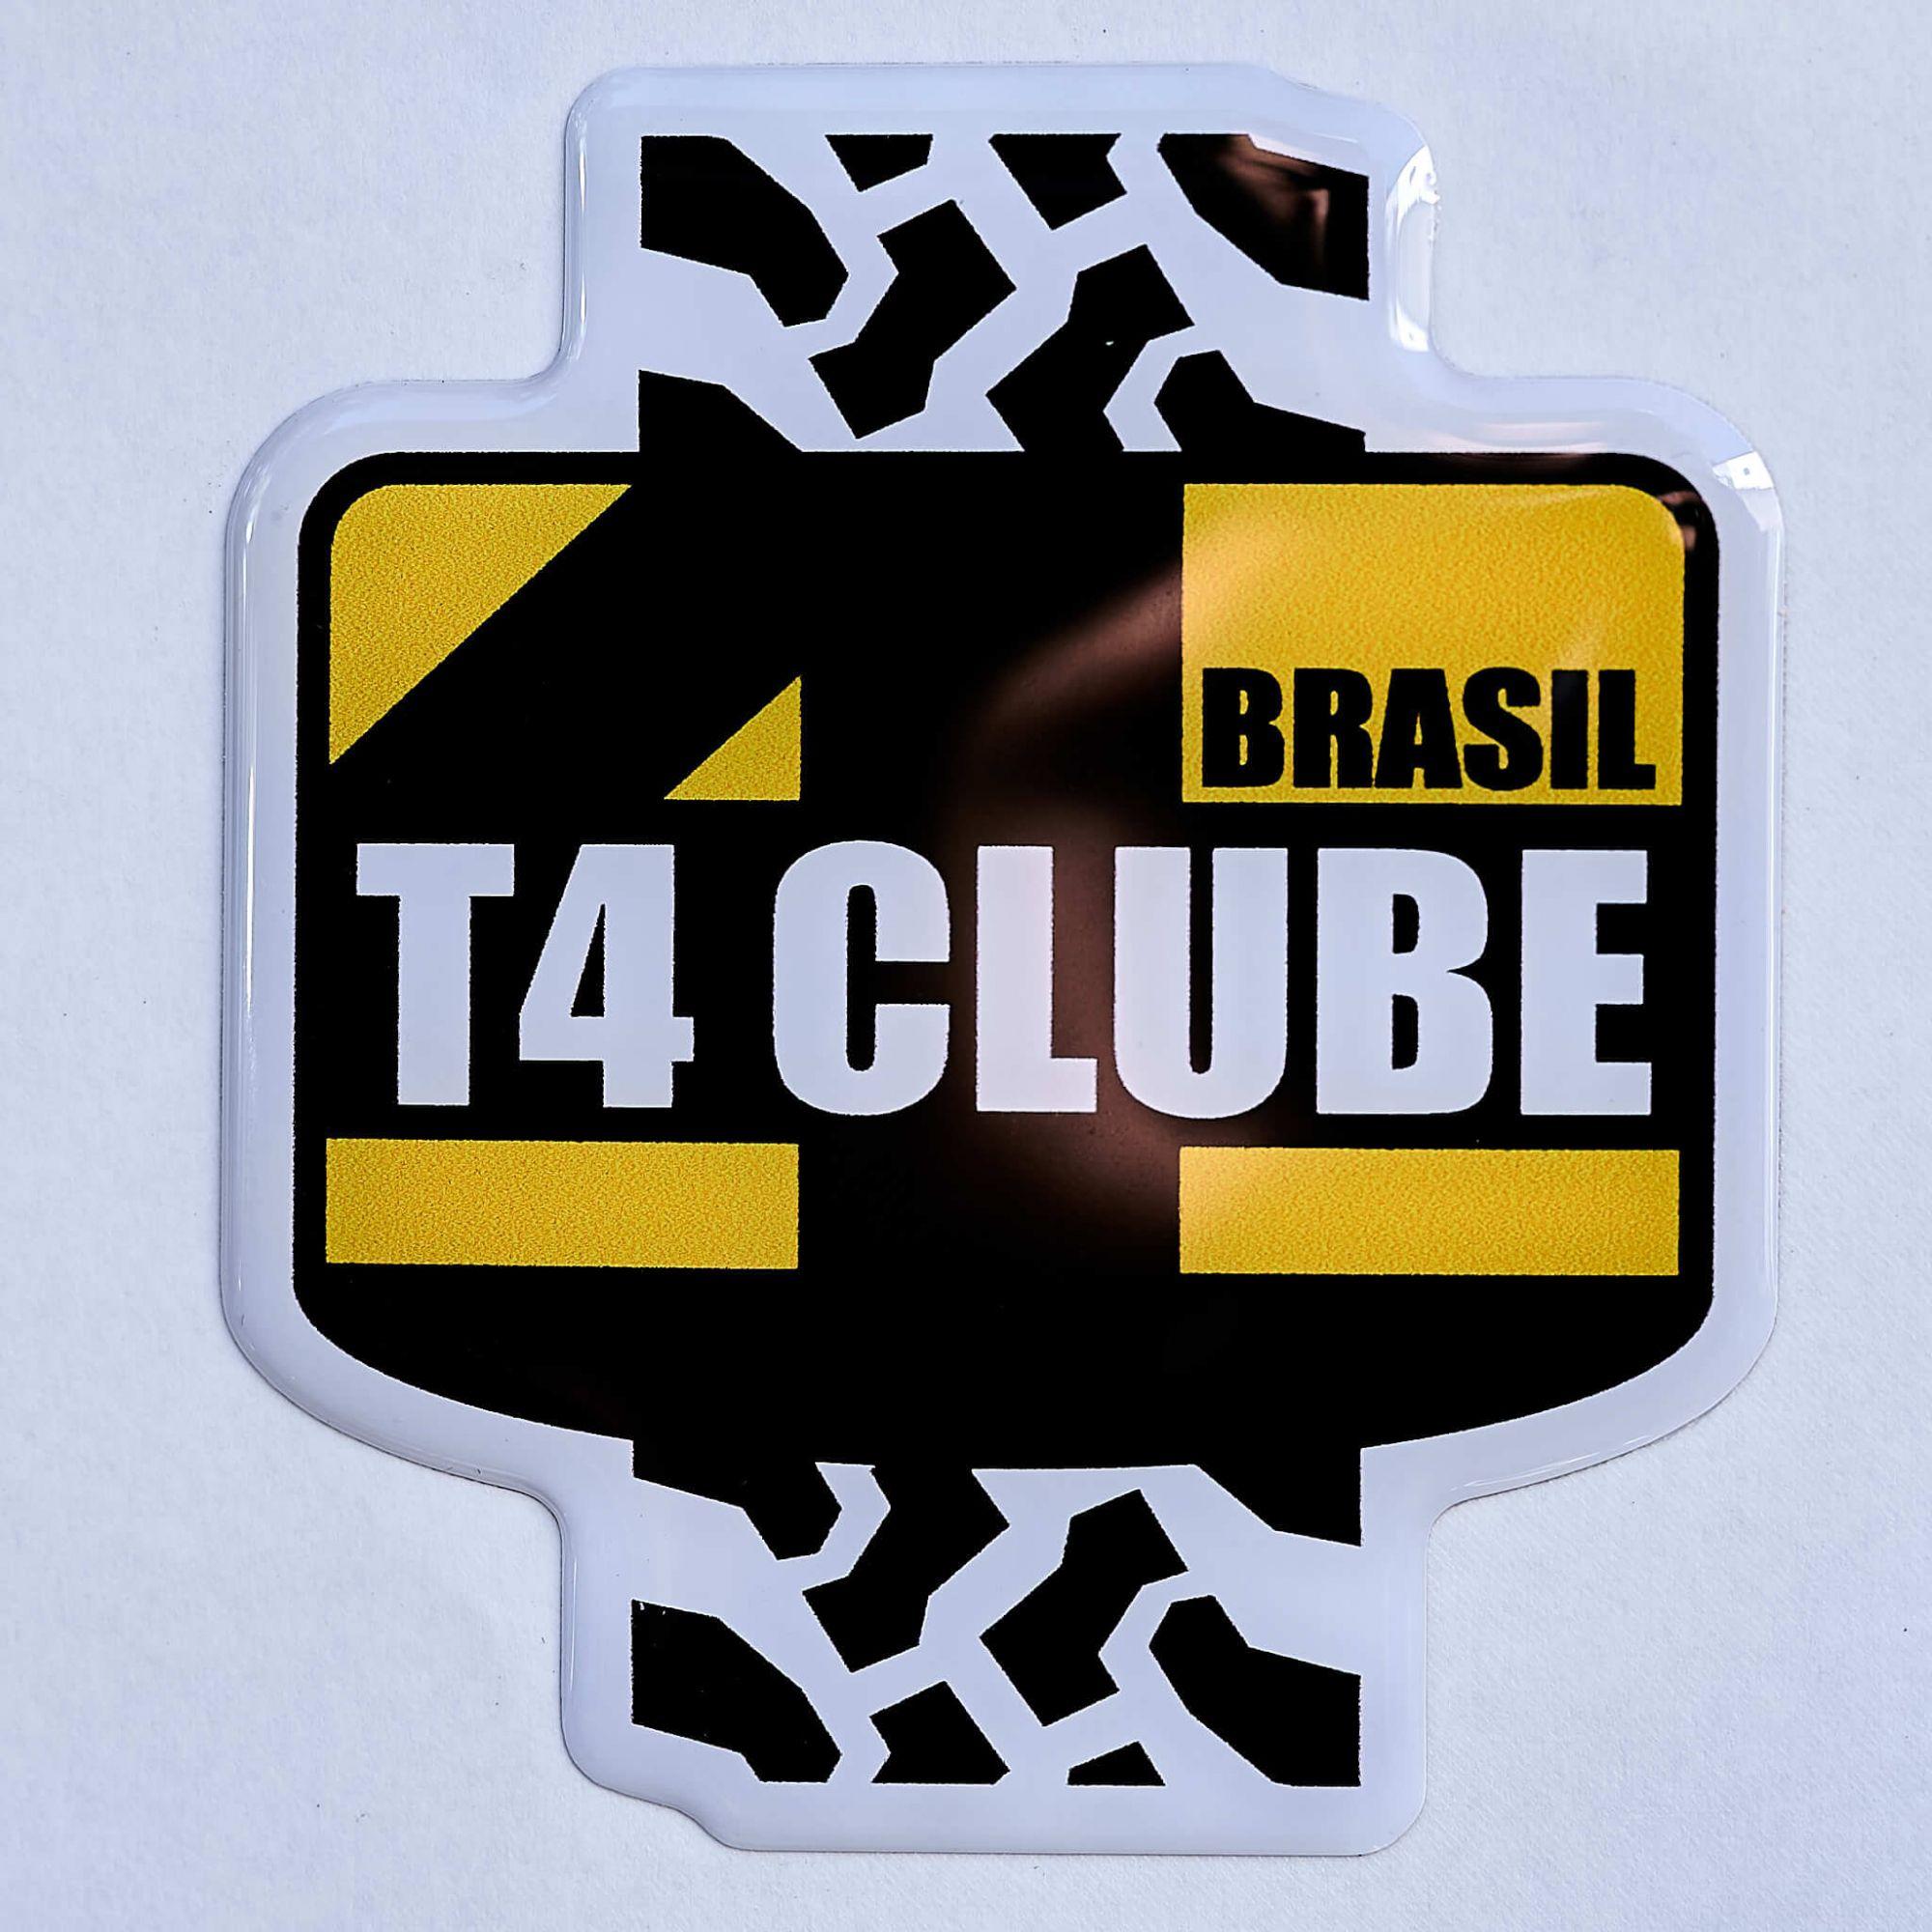 Adesivo Resinado T4 Clube Brasil | 7 x 8 cm